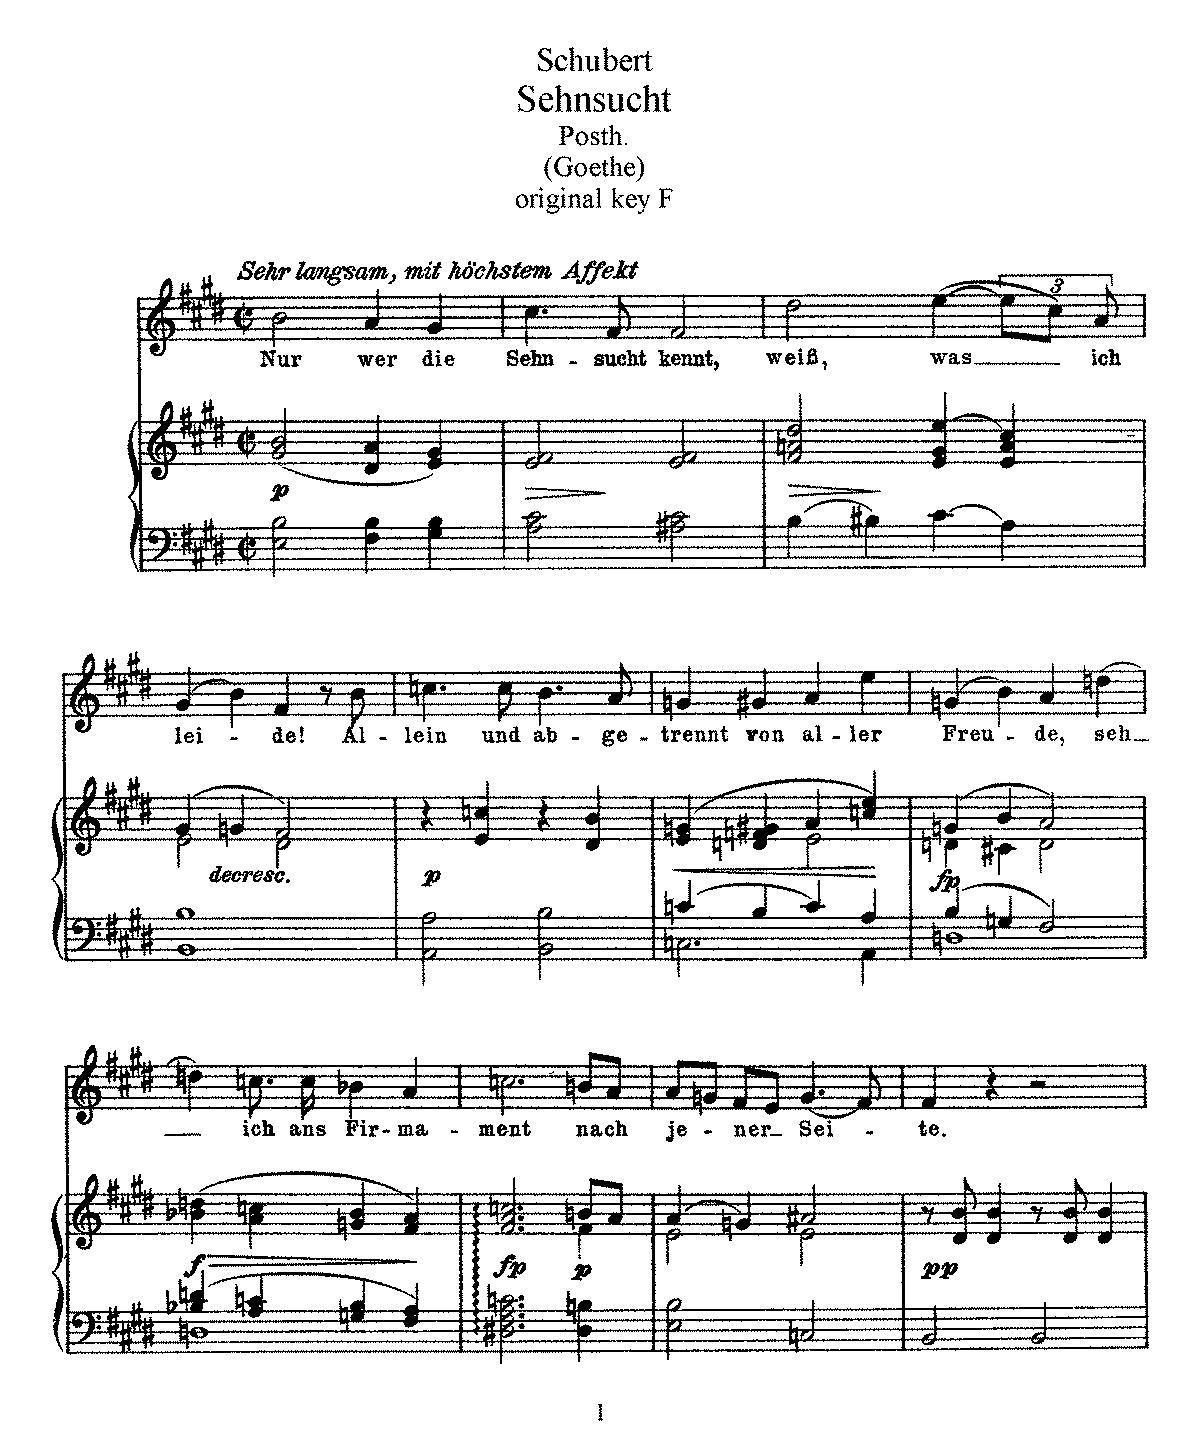 Free Sheet Music Public Domain: Sehnsucht, D.310 (Schubert, Franz)